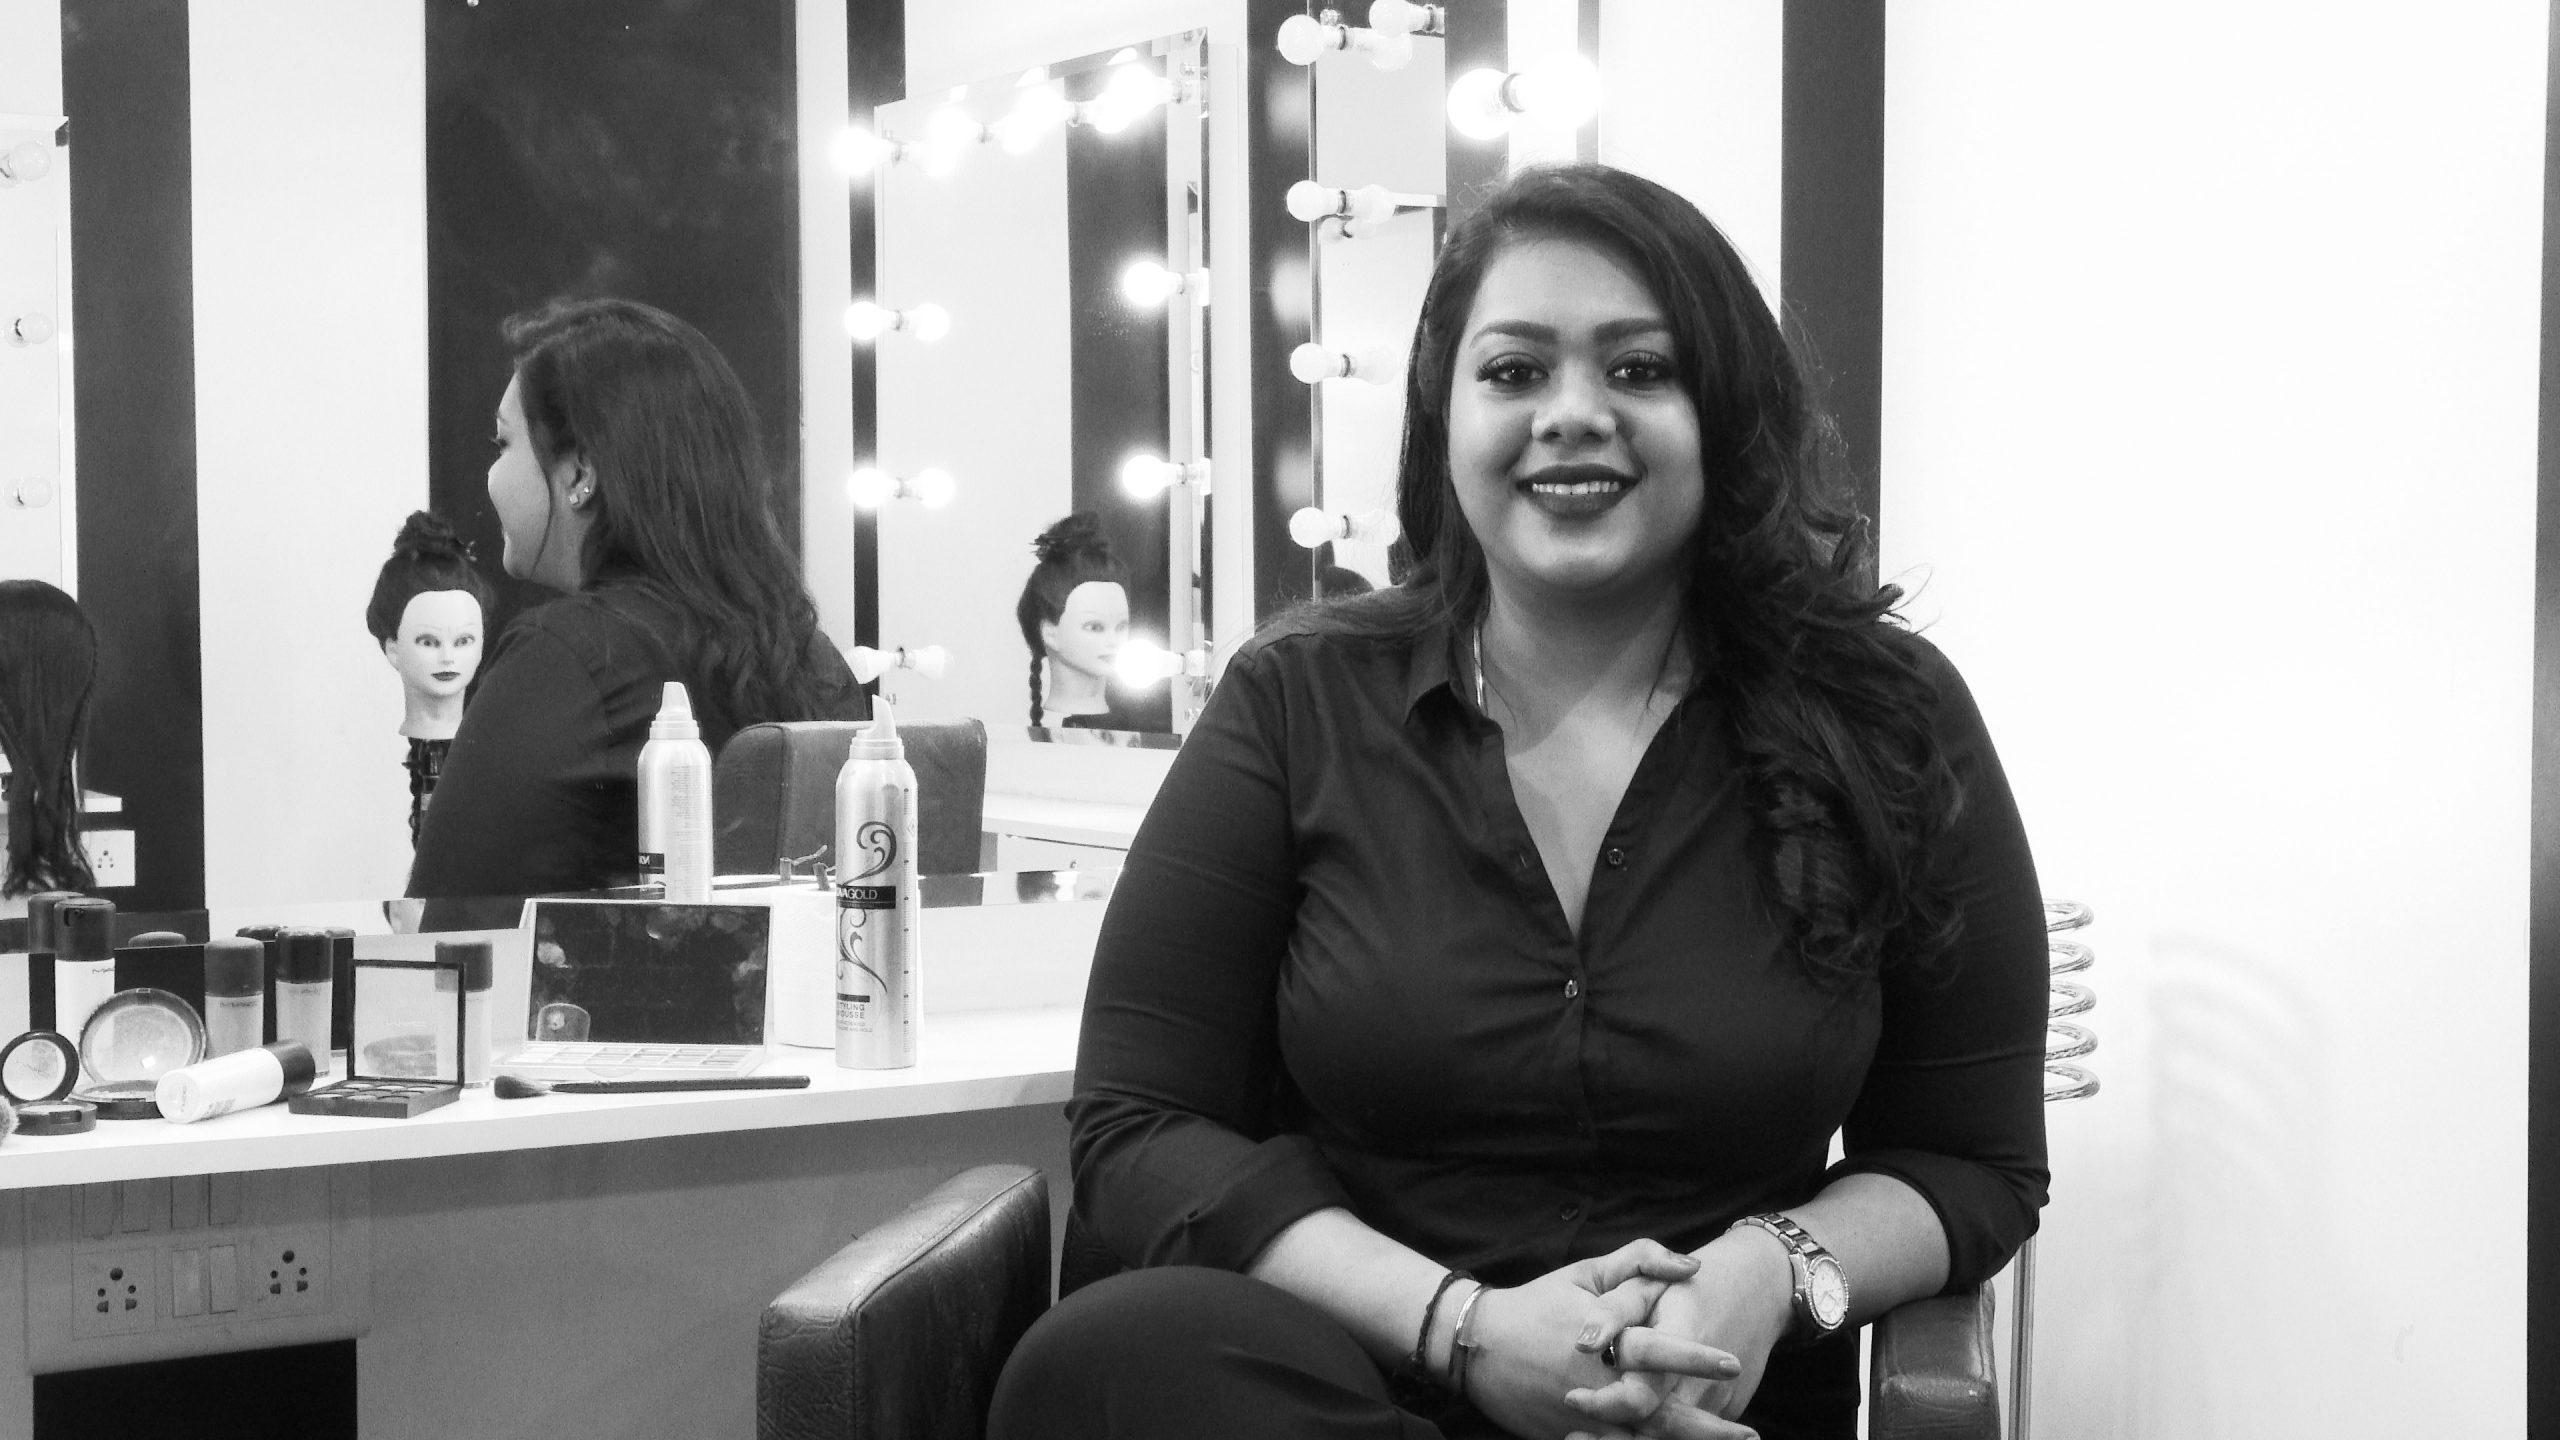 batch of 2016 - make-up artistry - Smitha Nandan scaled - Batch of 2016 – Make-up Artistry